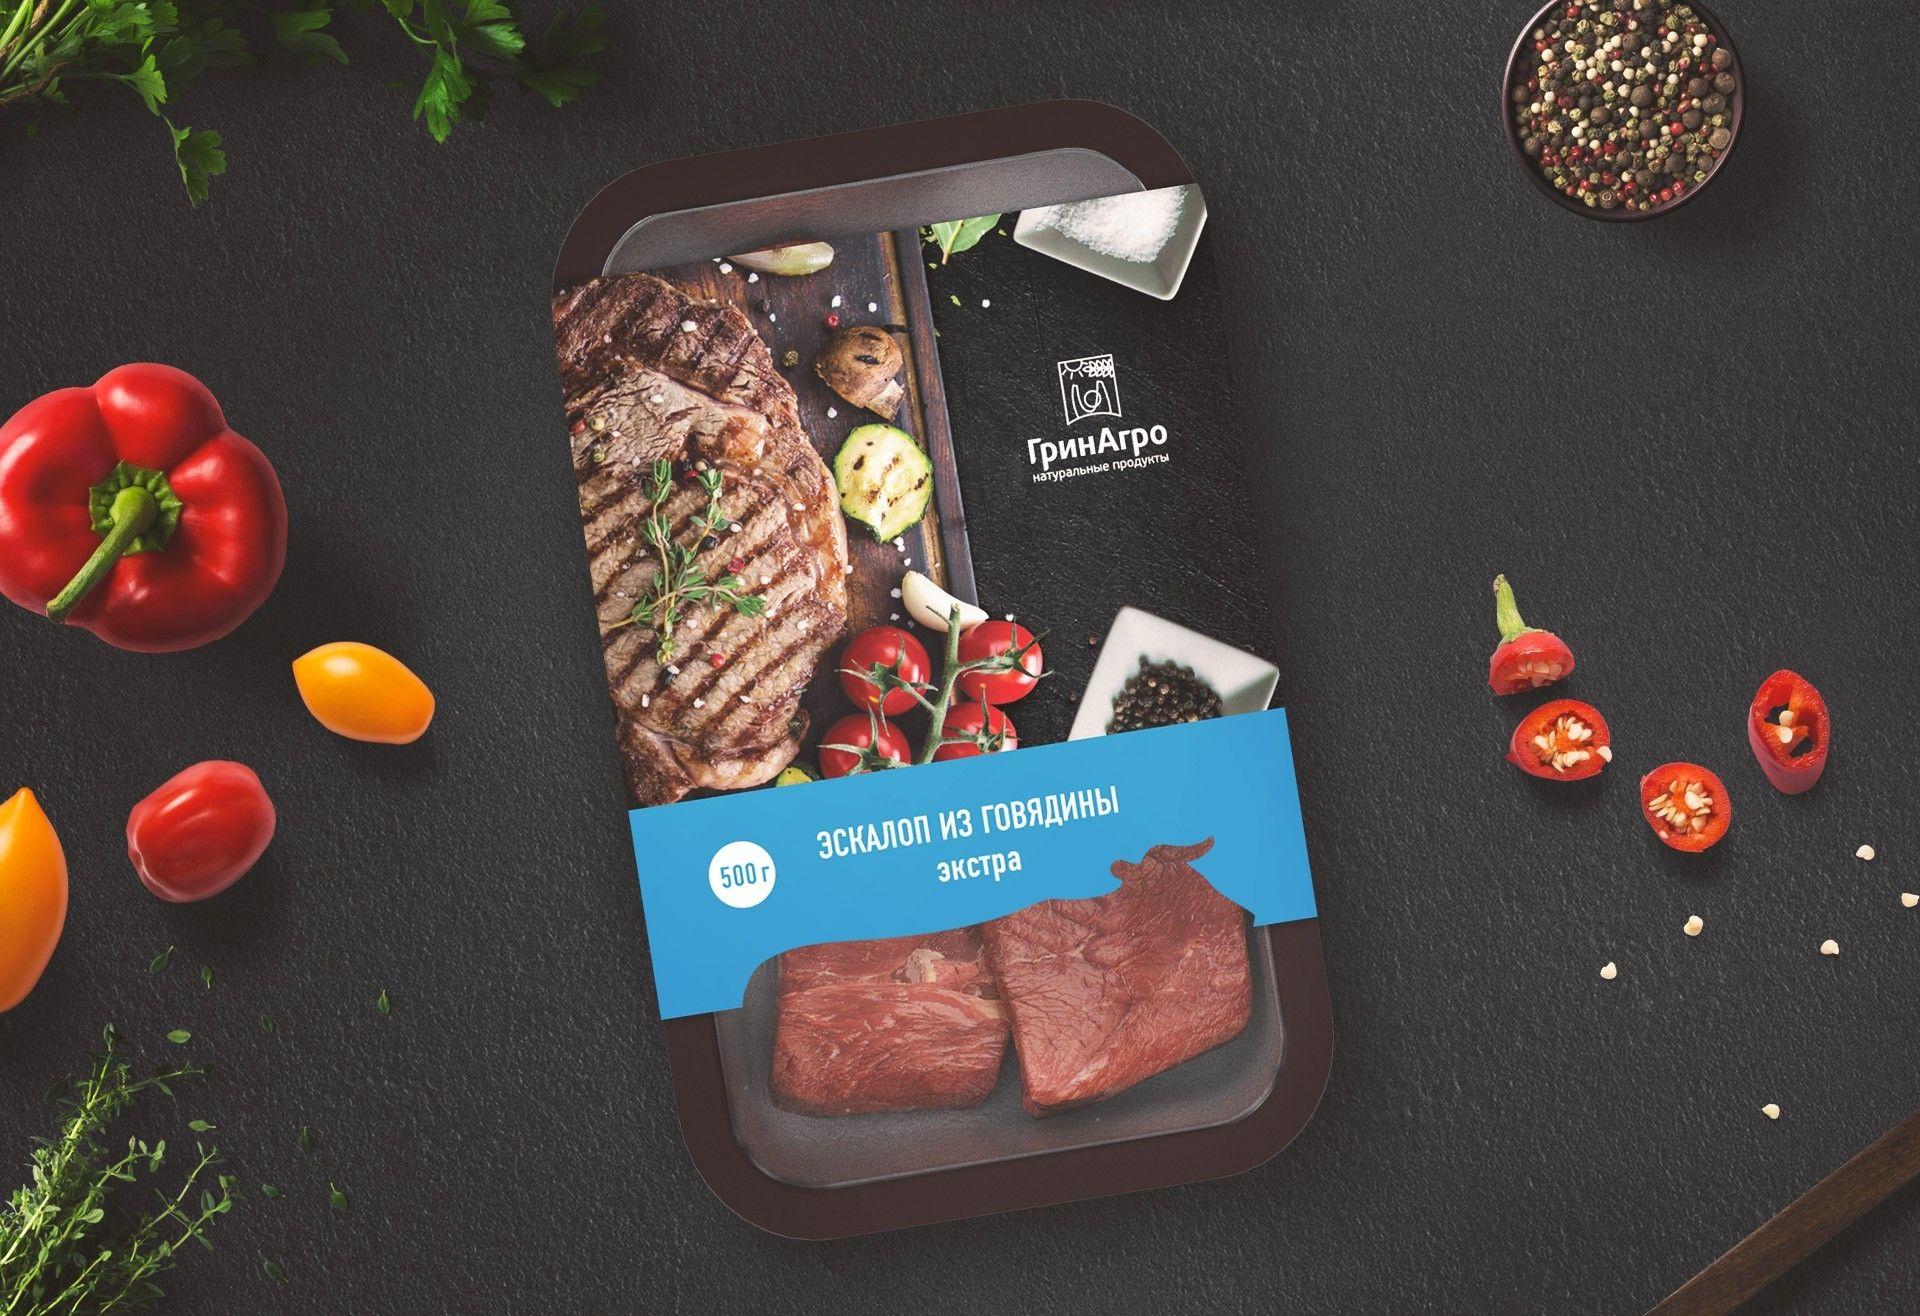 Дизайн упаковки мясной продукции в стиле ГринАгро